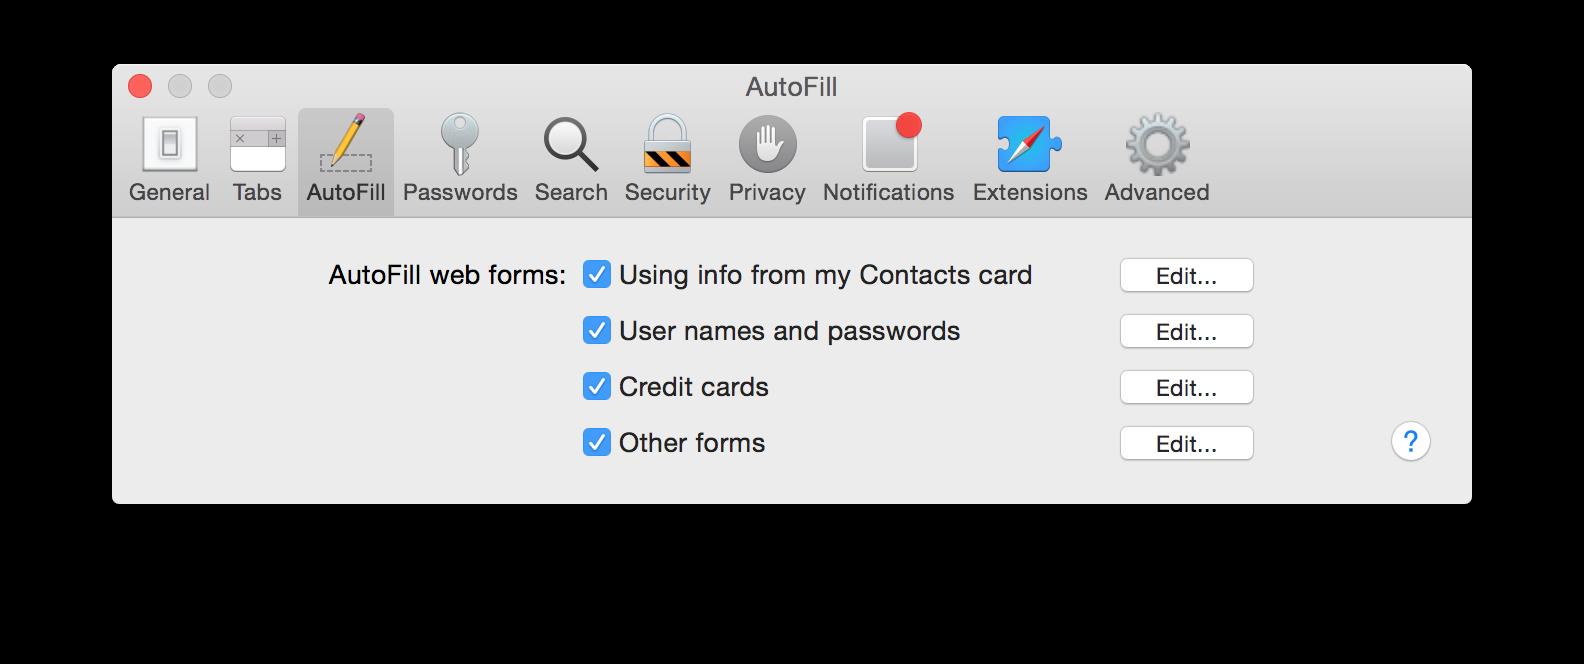 AutoFill web forms